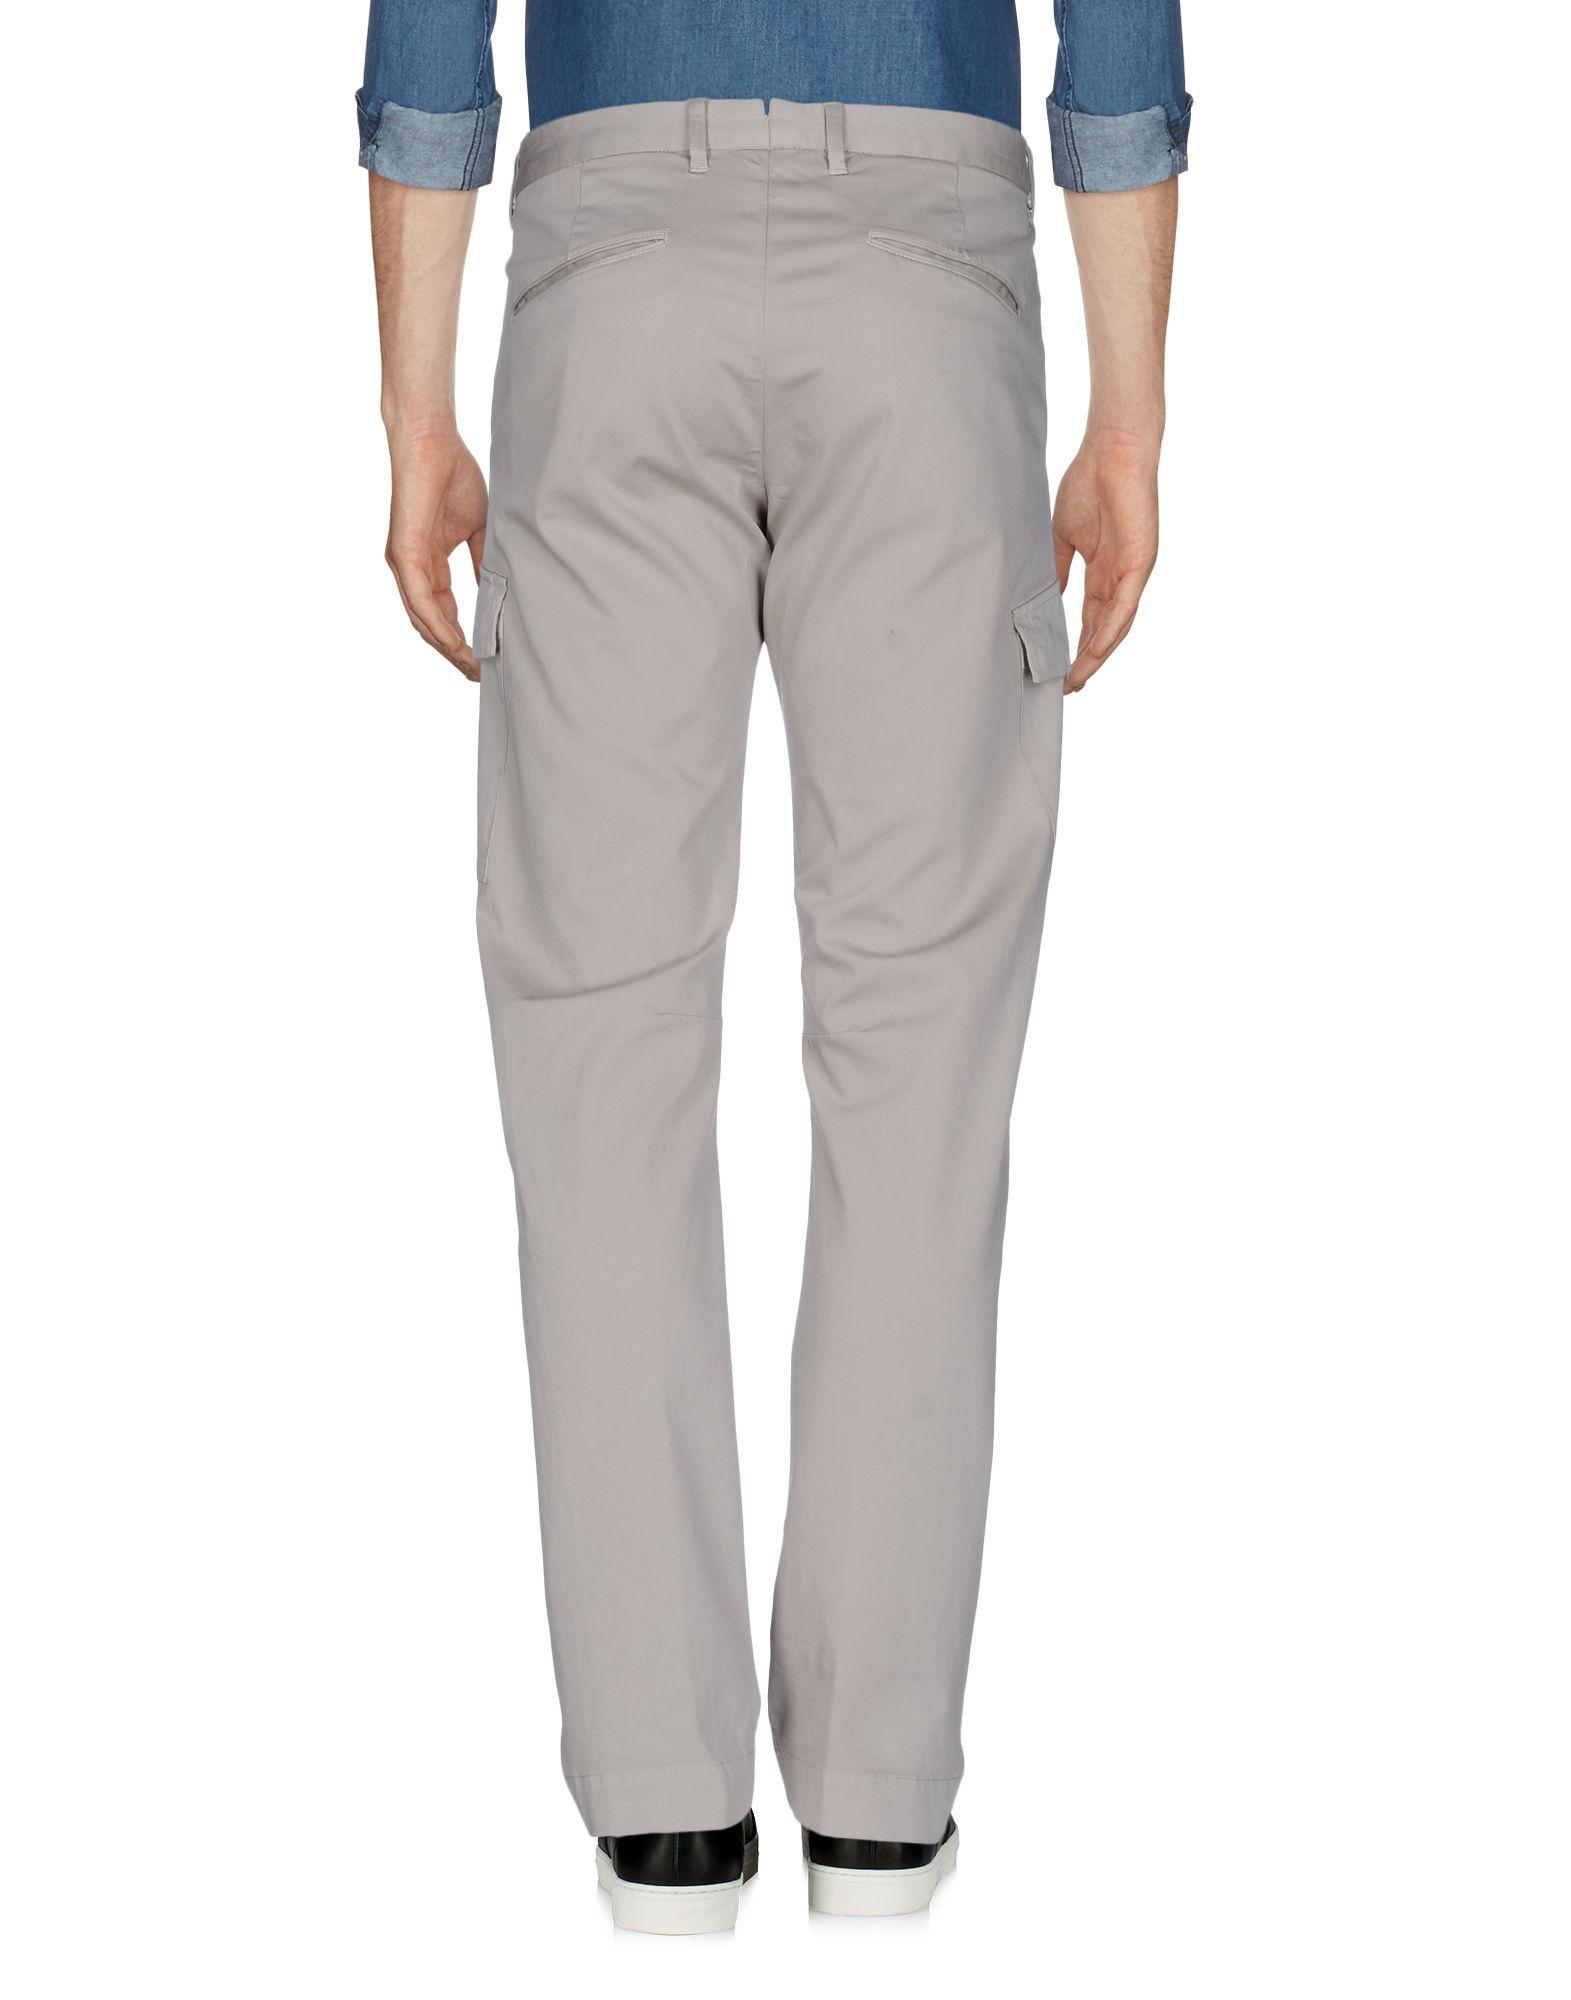 Cargo Gta Il Pantalone 13088352XW Uomo - 13088352XW Pantalone af12ef